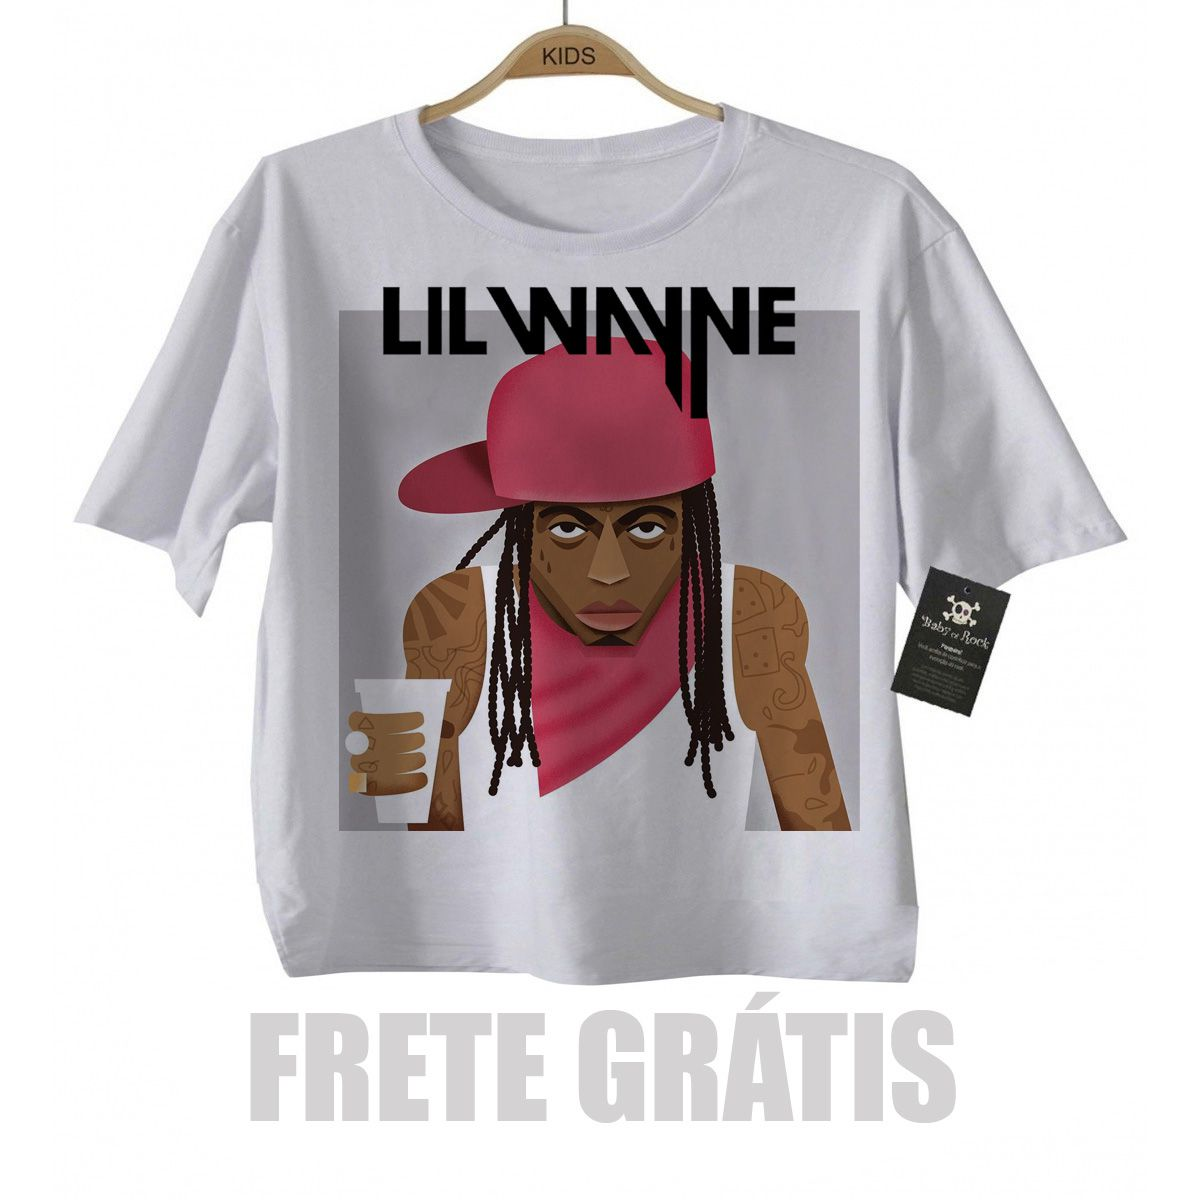 Camiseta Infantil Rap / Hip hop   Lil Wayne - White  - Baby Monster S/A